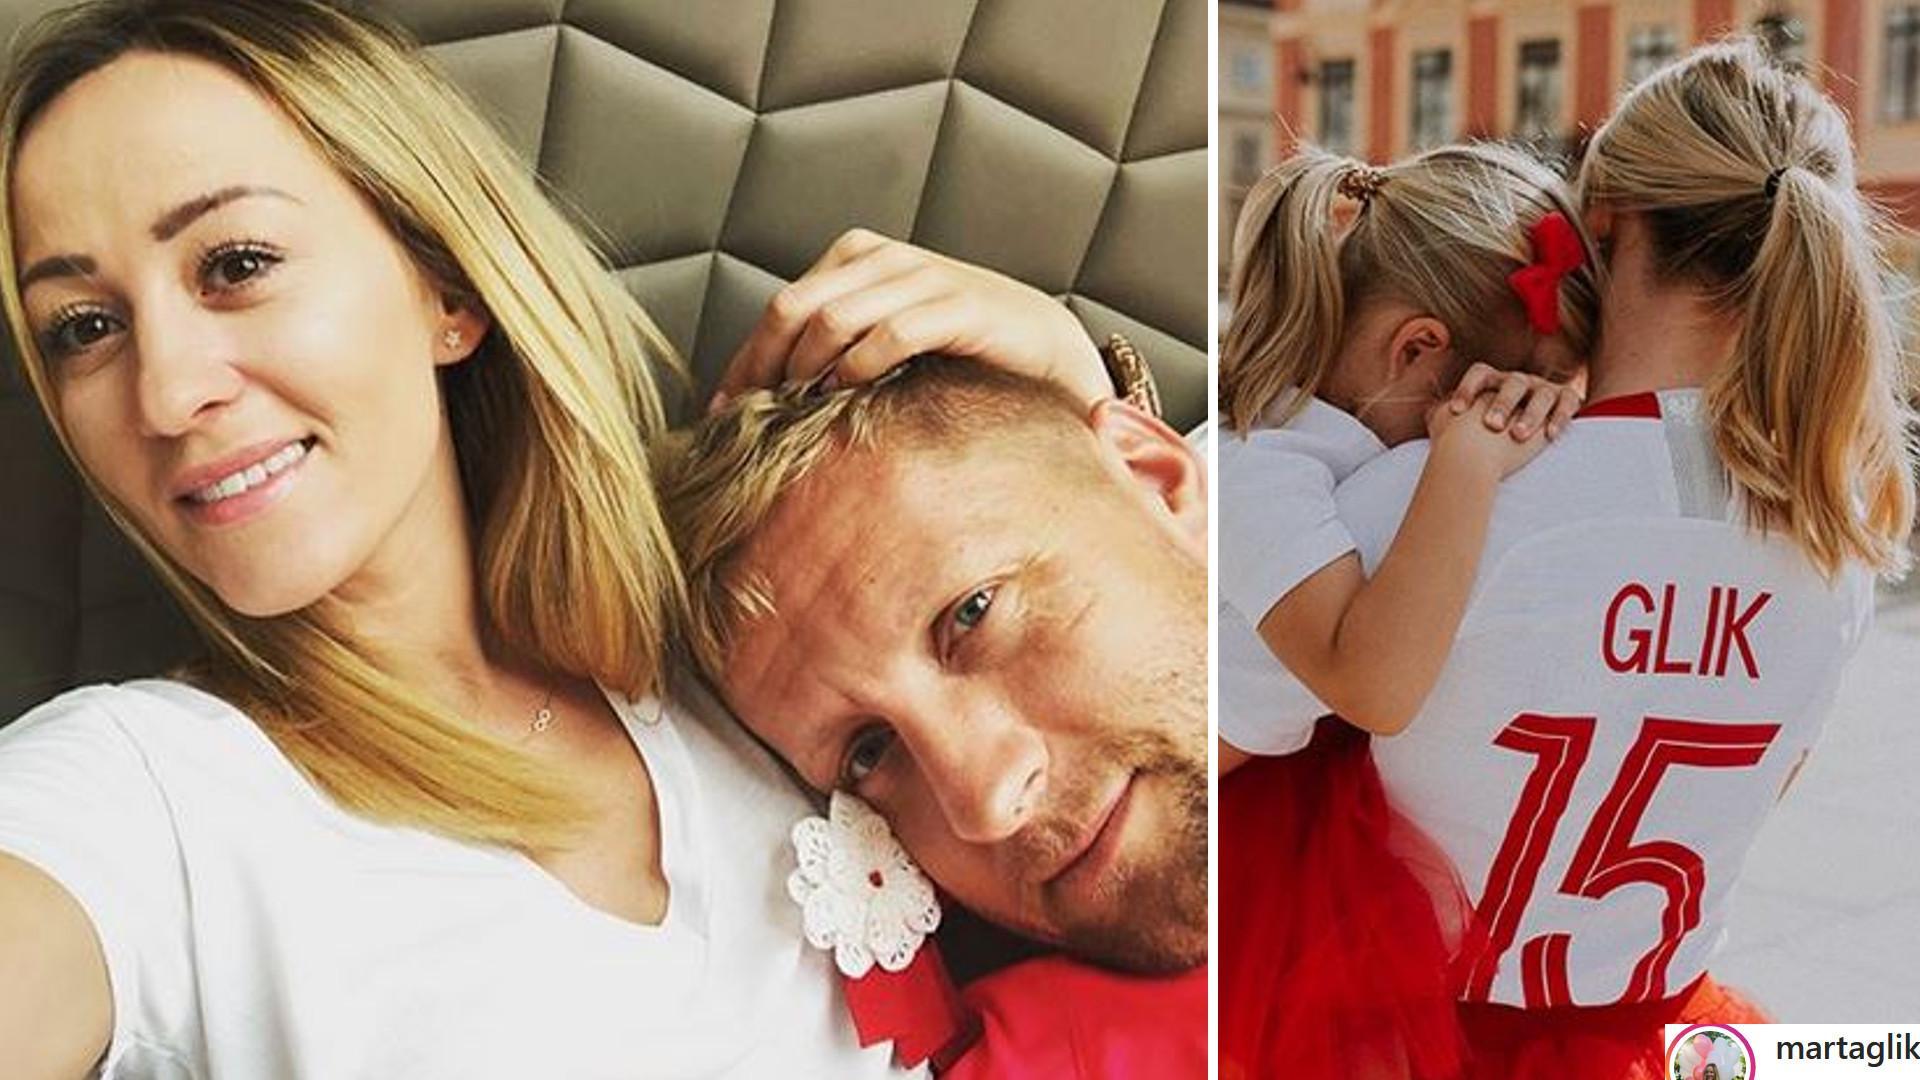 Marta Glik z córeczką są już gotowe na KIBICOWANIE (Instagram)